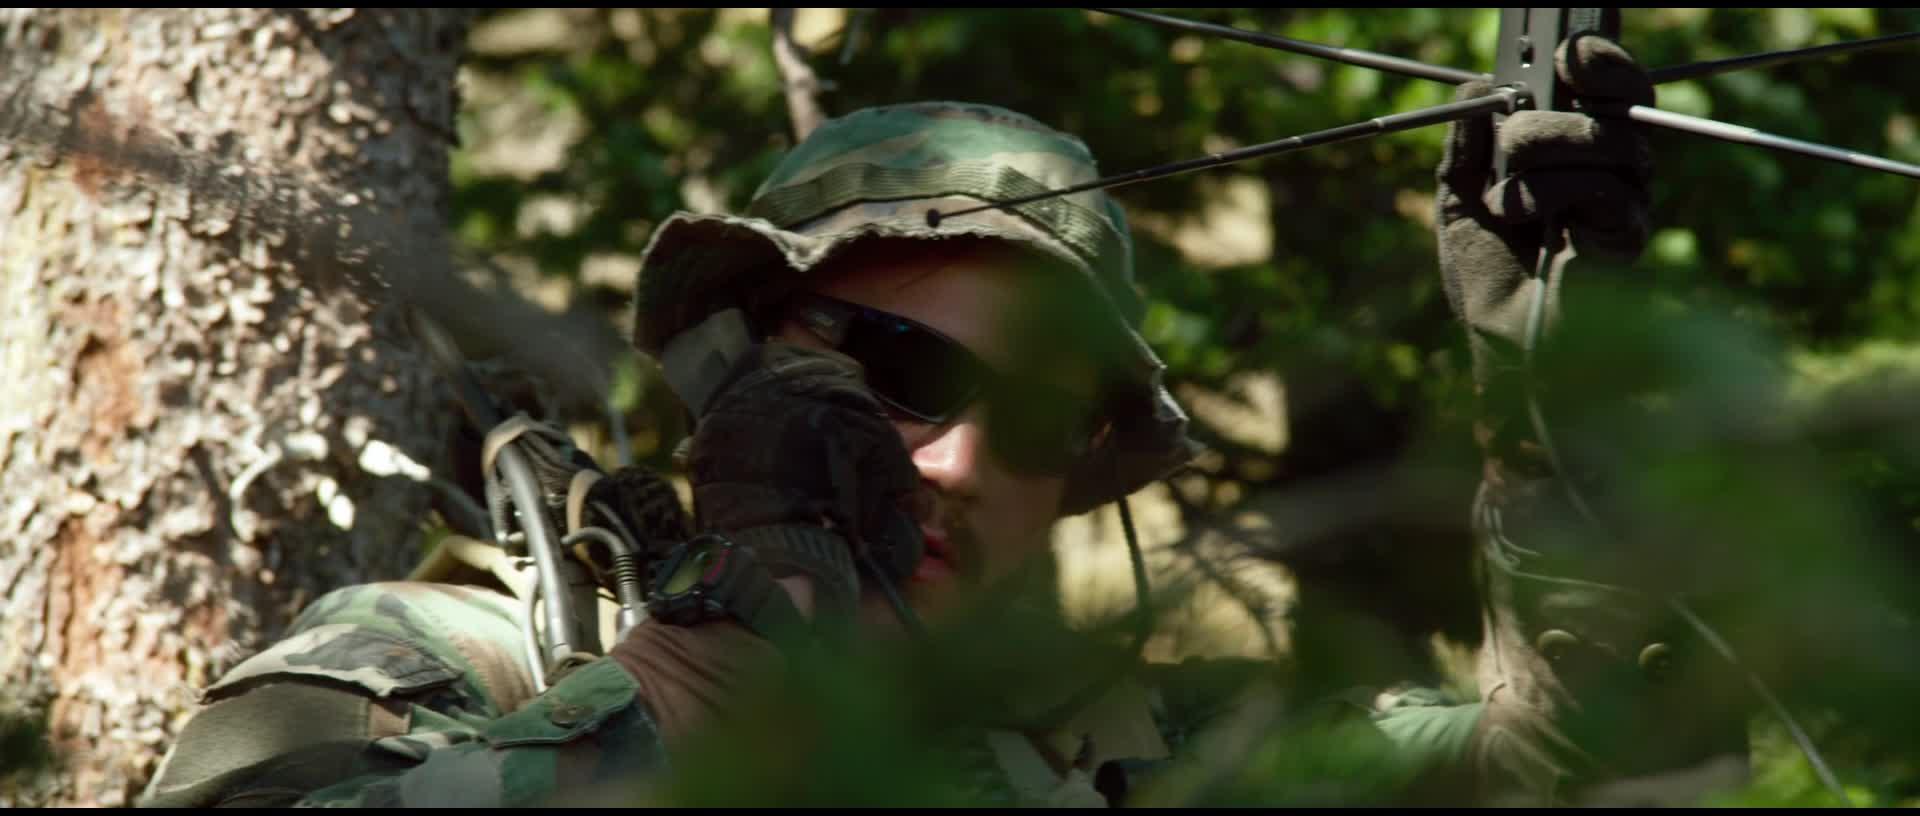 смотреть фильм уцелевший 2013 в hd